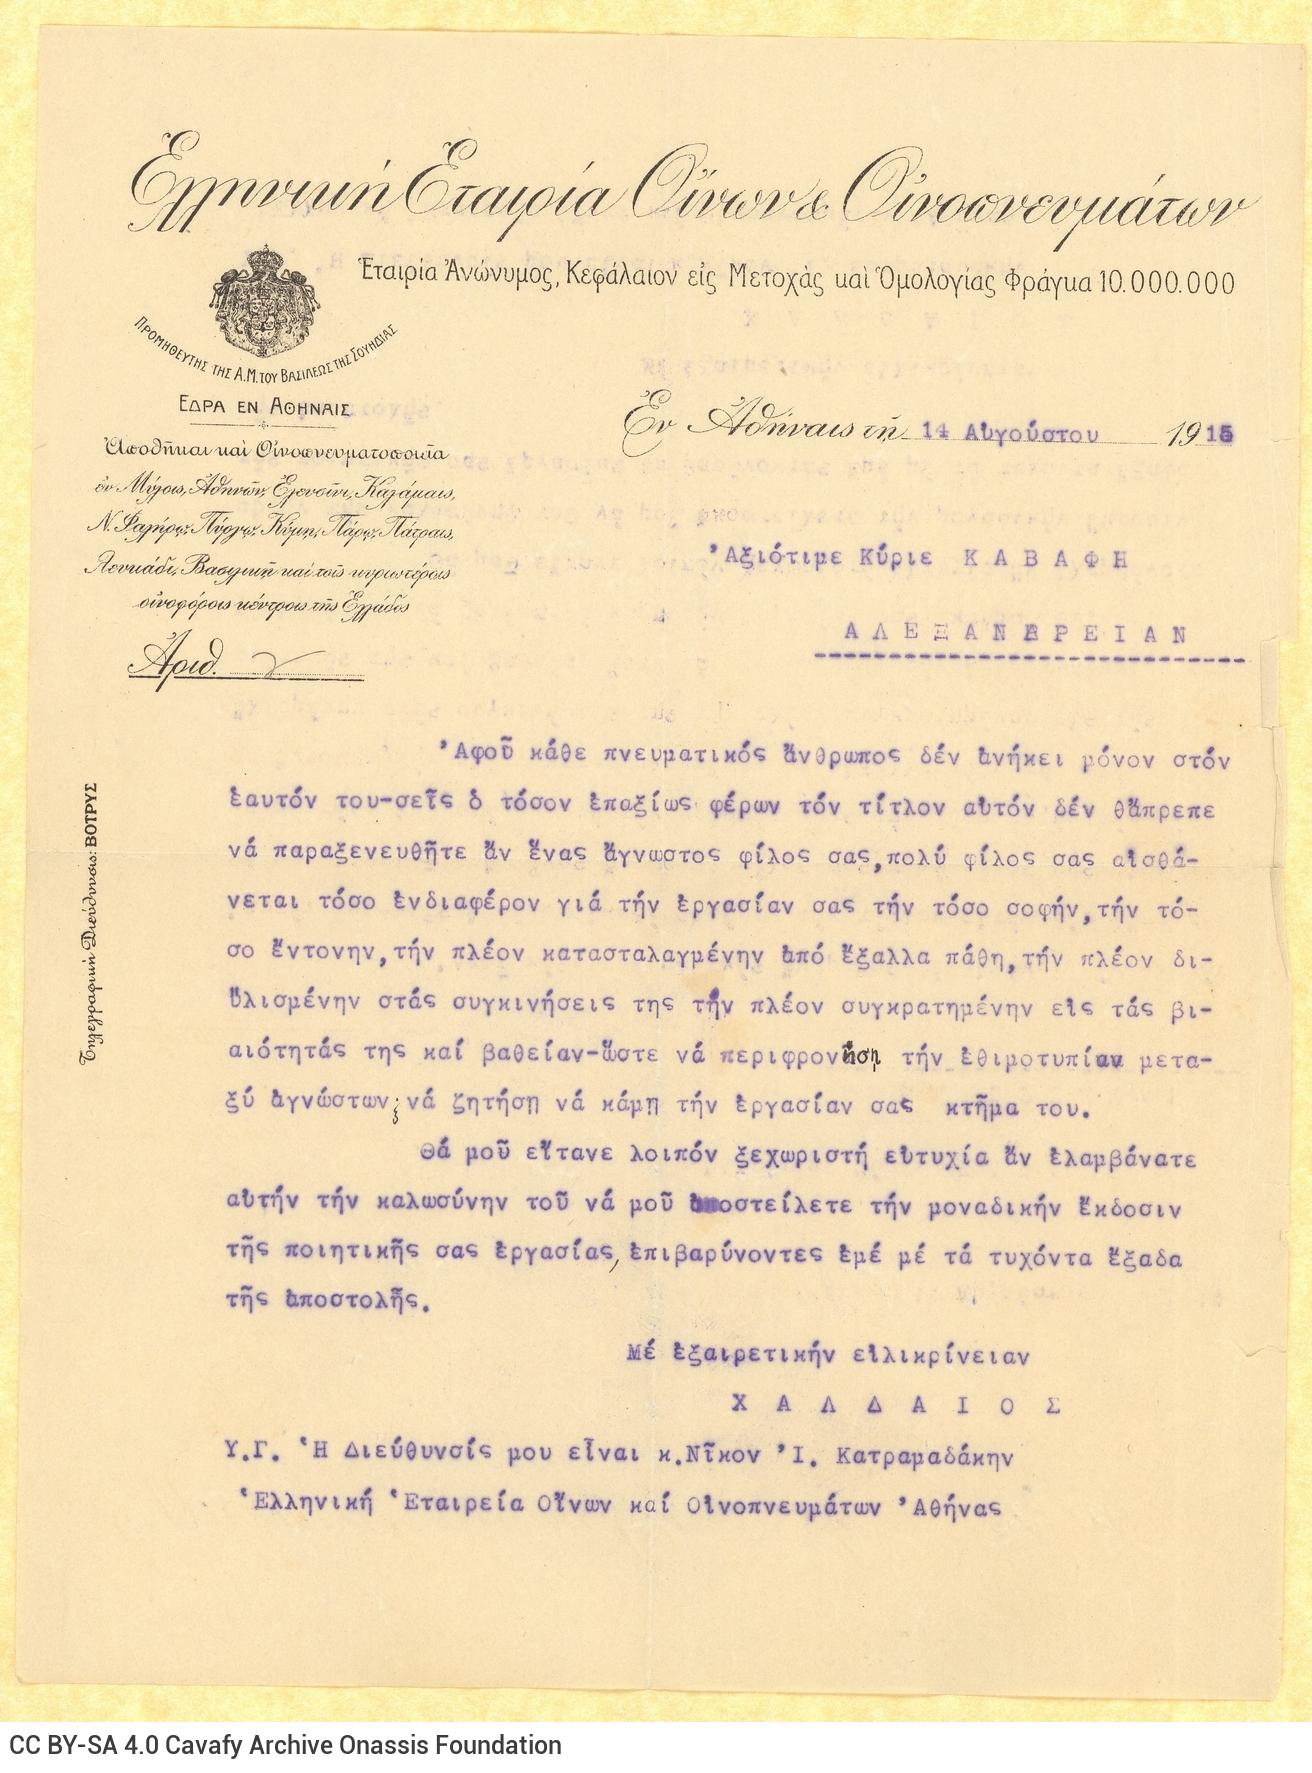 Δακτυλόγραφη επιστολή του Νίκου Ι. Κατραμαδάκη (Χαλδαίος) προς τον Κ�